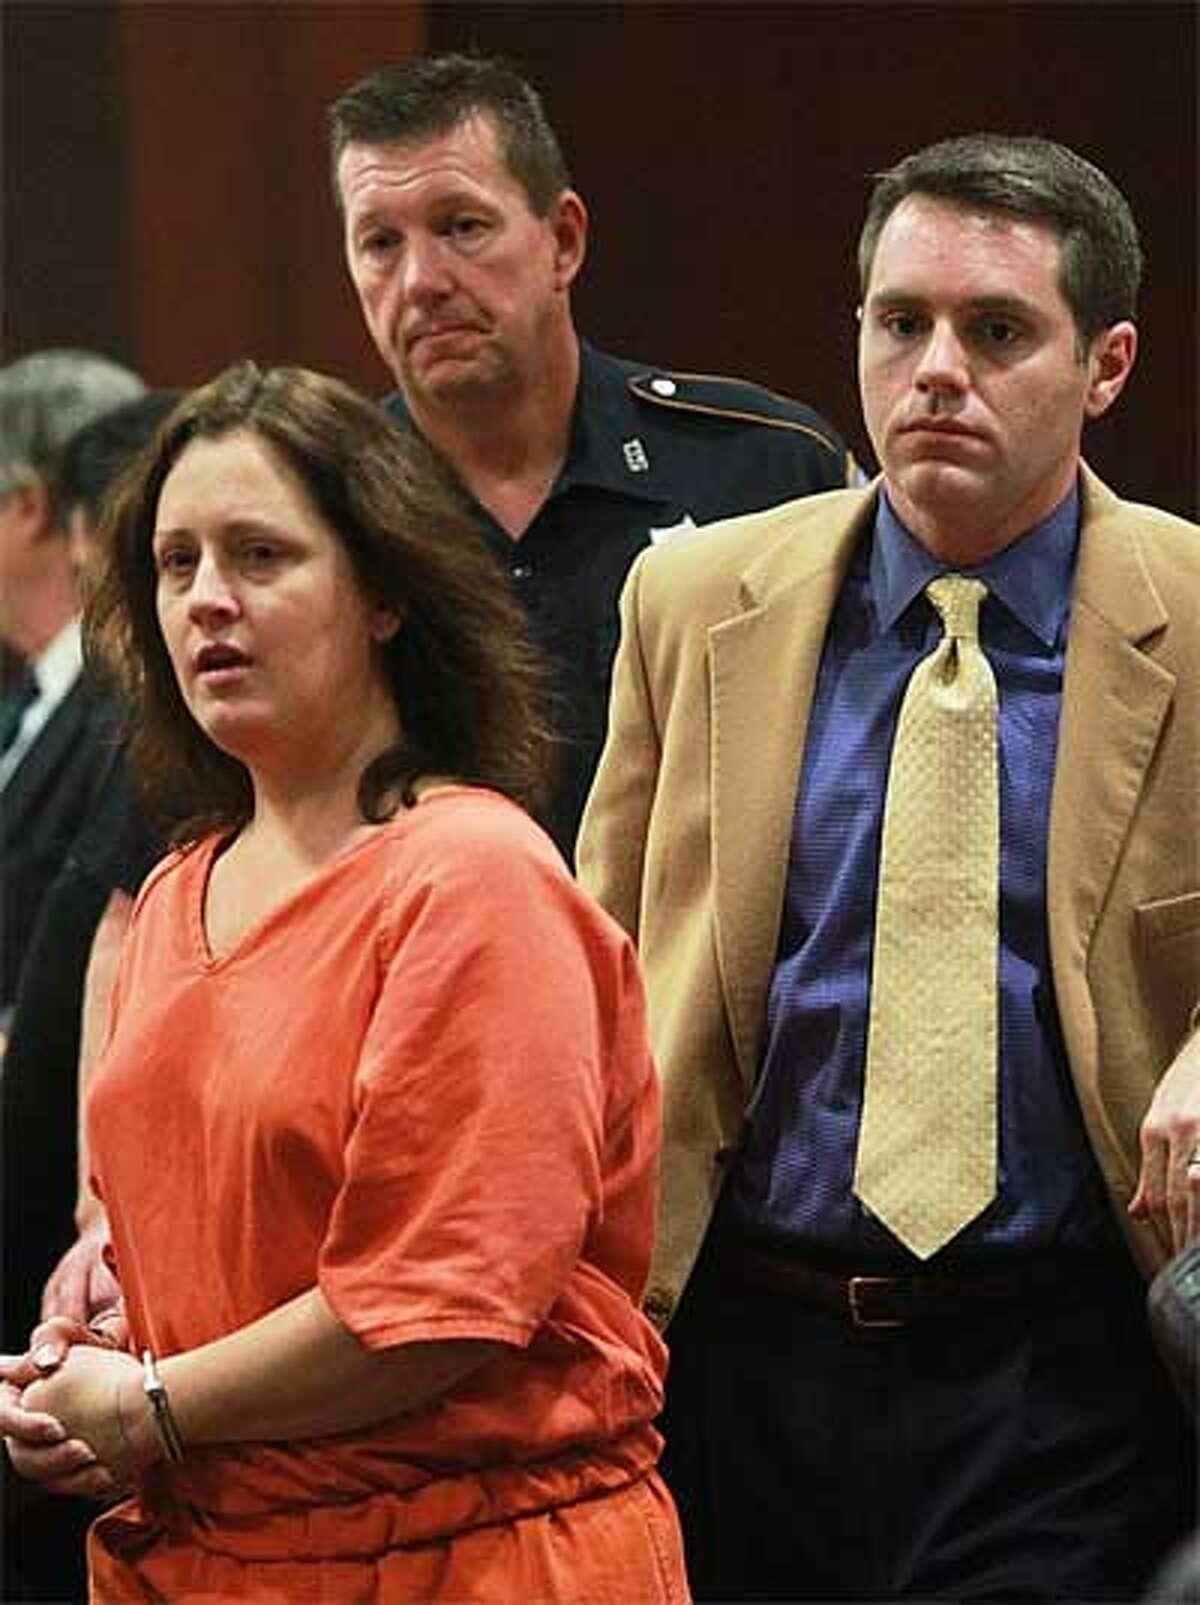 Nikki Araguz appears in court today. (Nick de la Torre/Chronicle)